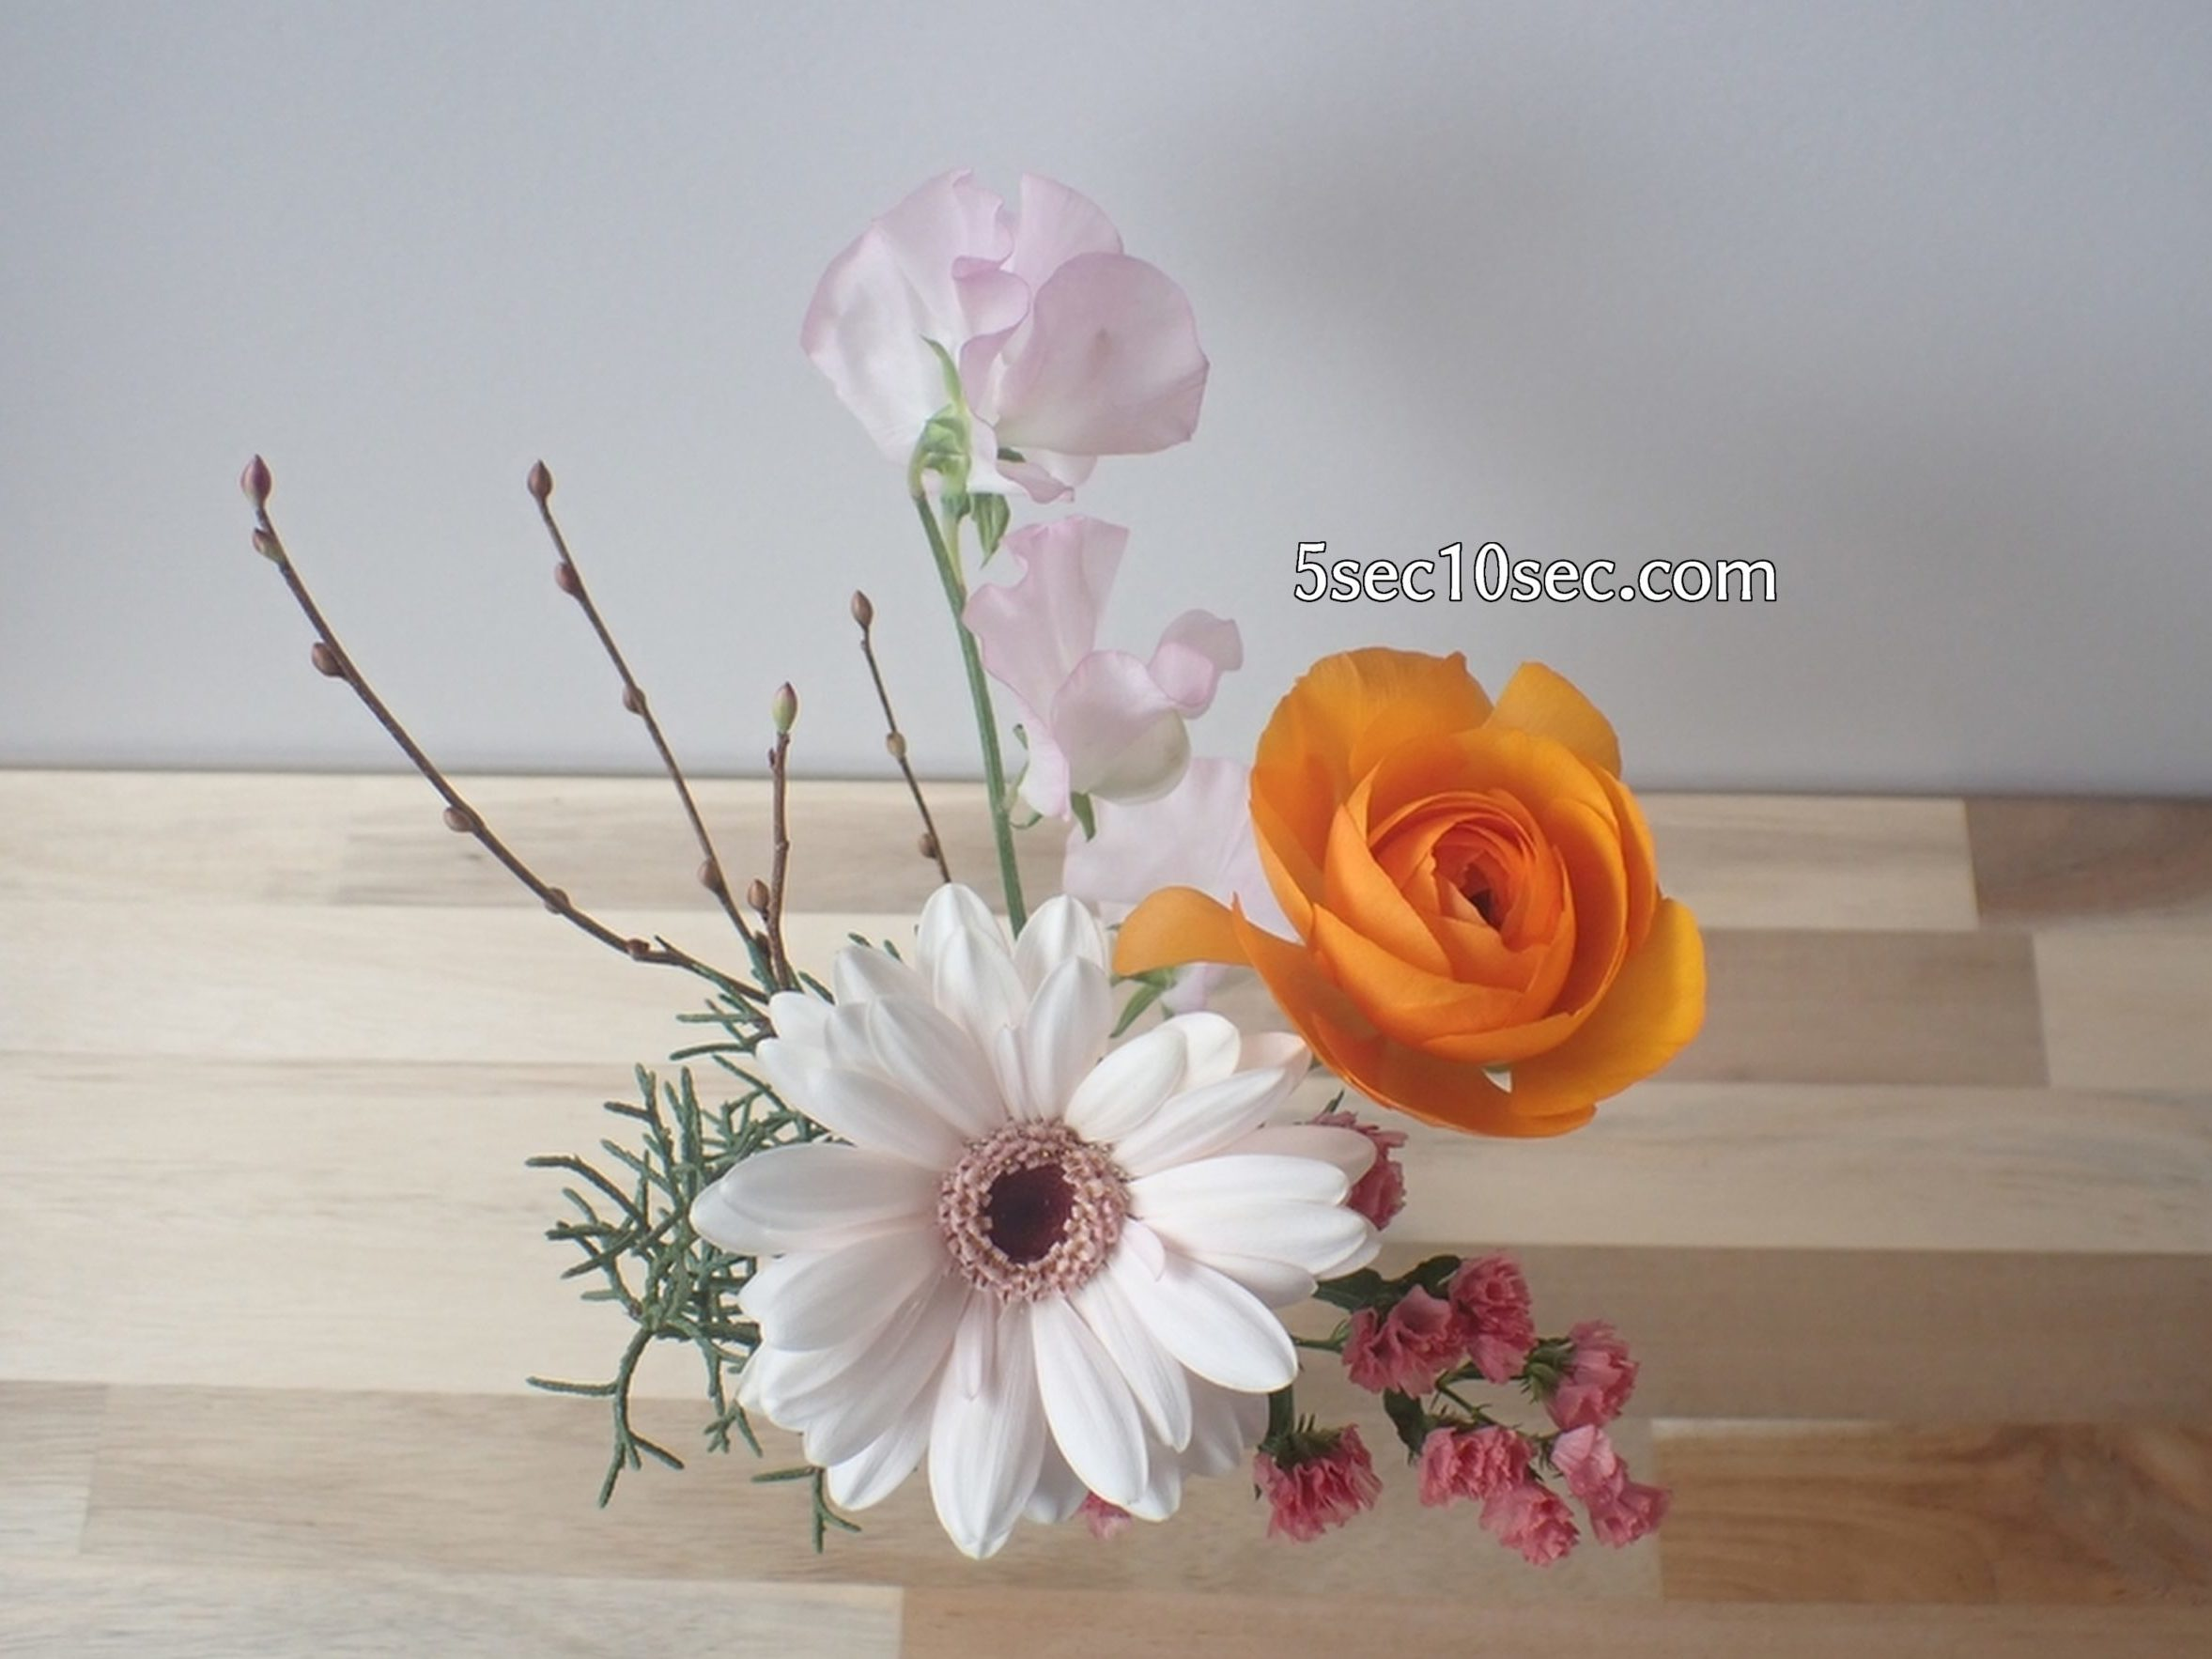 株式会社Crunch Style お花の定期便 Bloomee LIFE ブルーミーライフ 800円のレギュラープラン 上から撮った写真